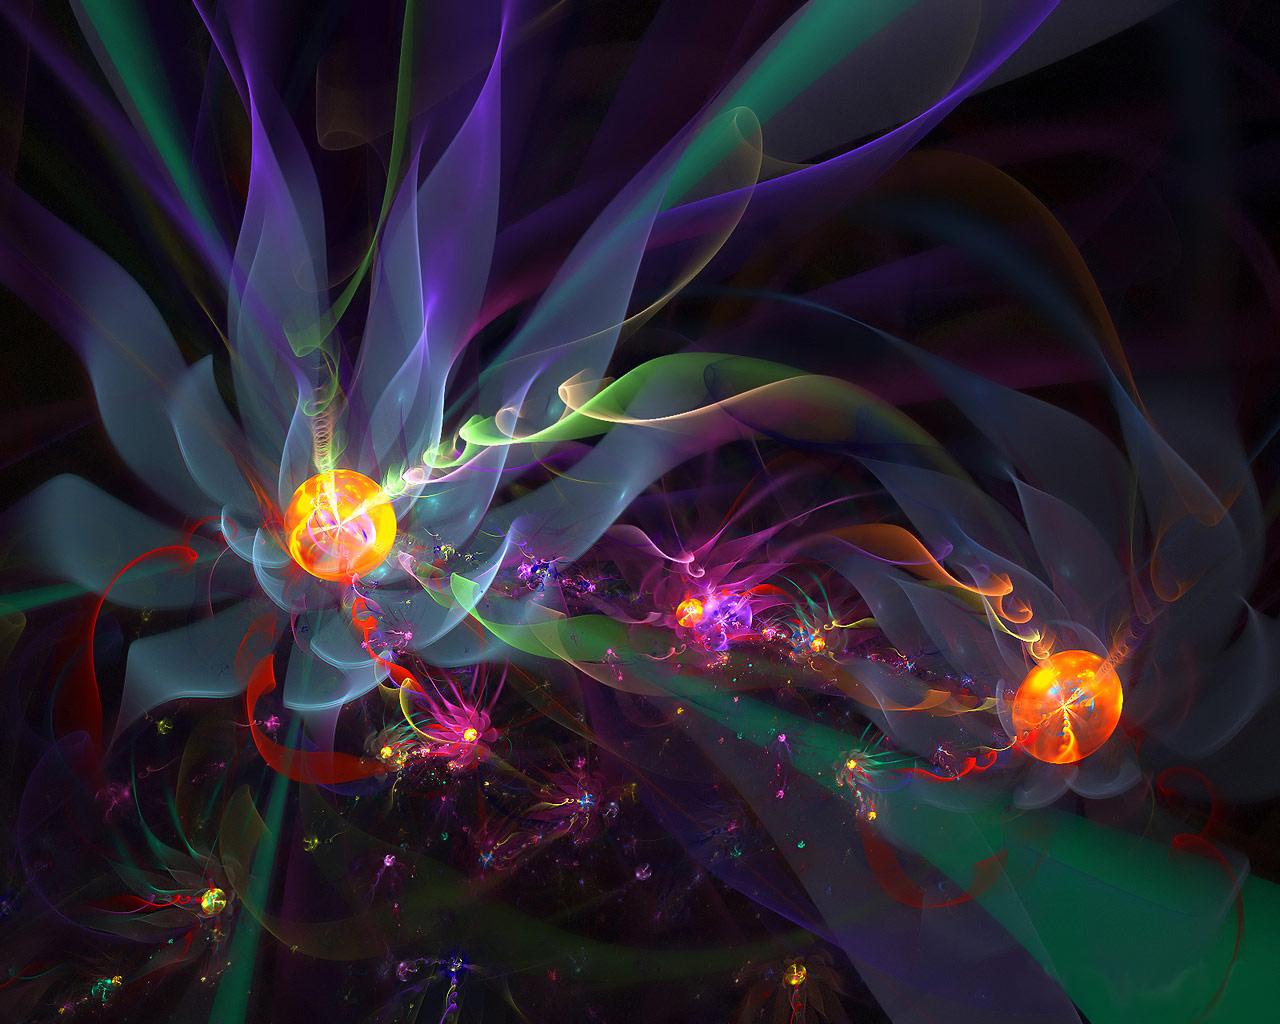 Desktop Wallpaper Gallery 3D Art Flowers 3D Themes 1280x1024